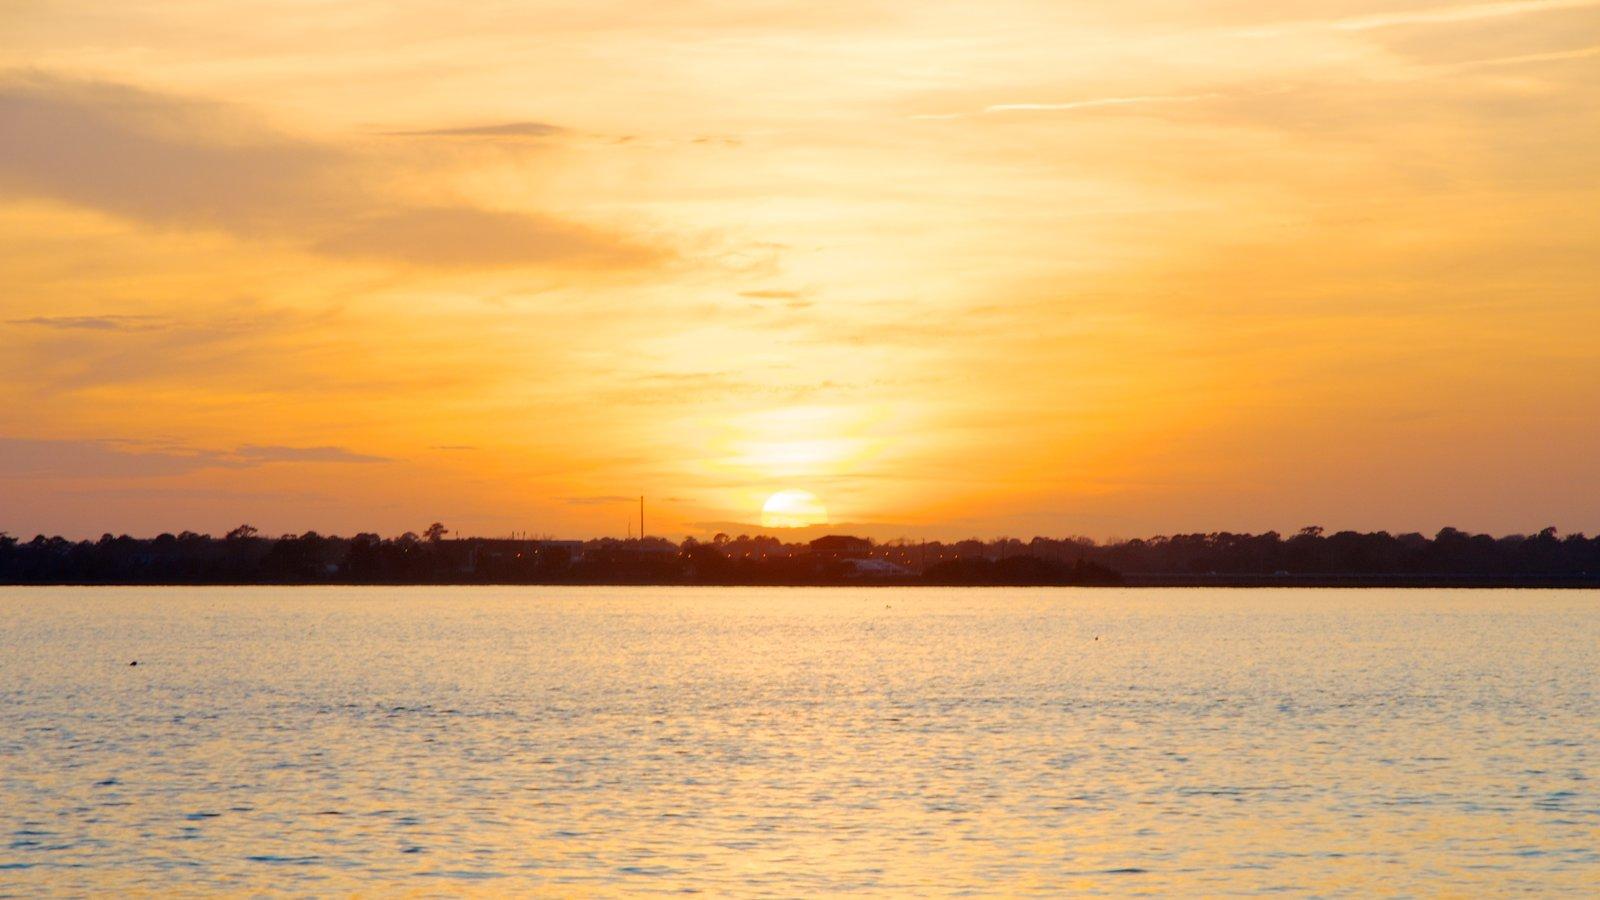 Charleston Waterfront Park mostrando um pôr do sol, paisagem e paisagens litorâneas